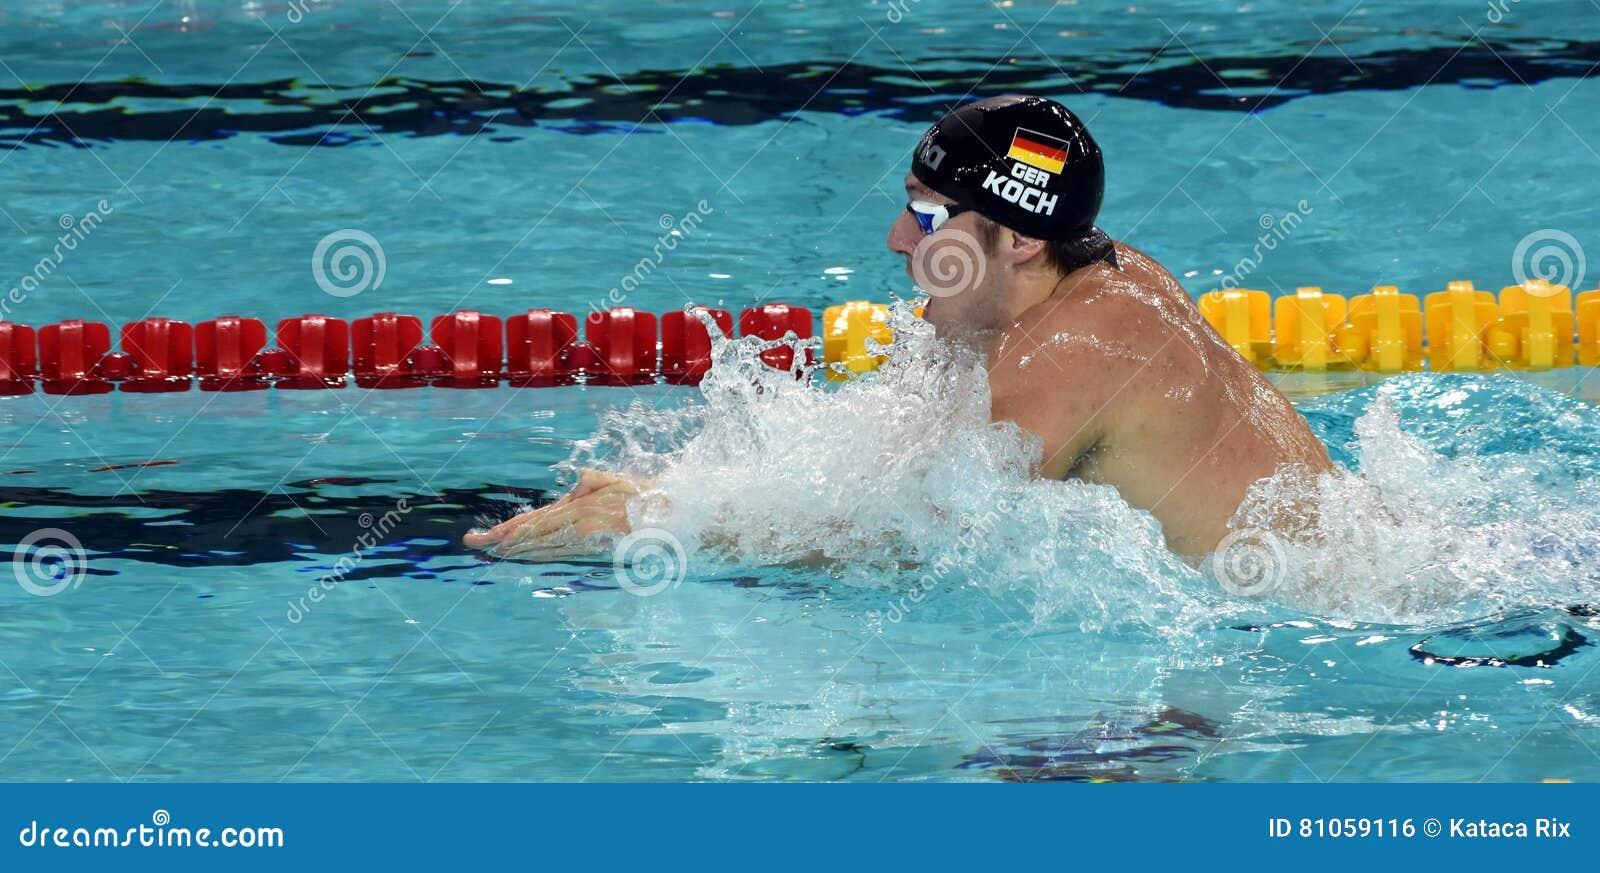 Olympian, wereldkampioen en recordhouderszwemmer Marco KOCH GER